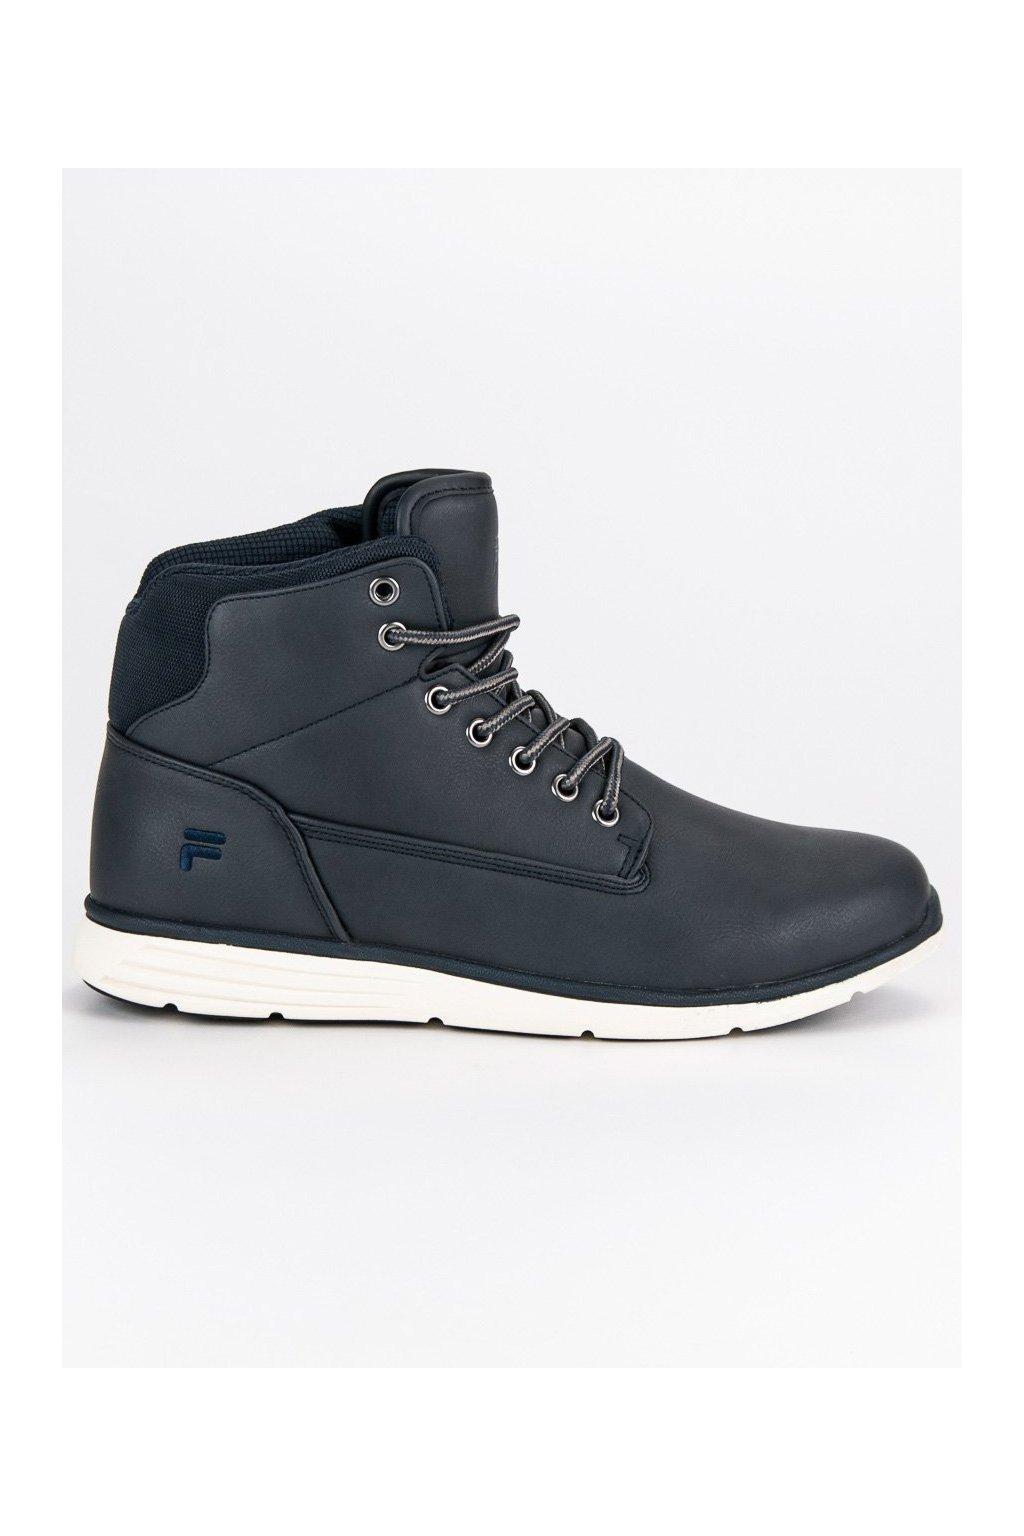 Pánske členkové topánky FILA LANCE MID modré  5e39155c4f